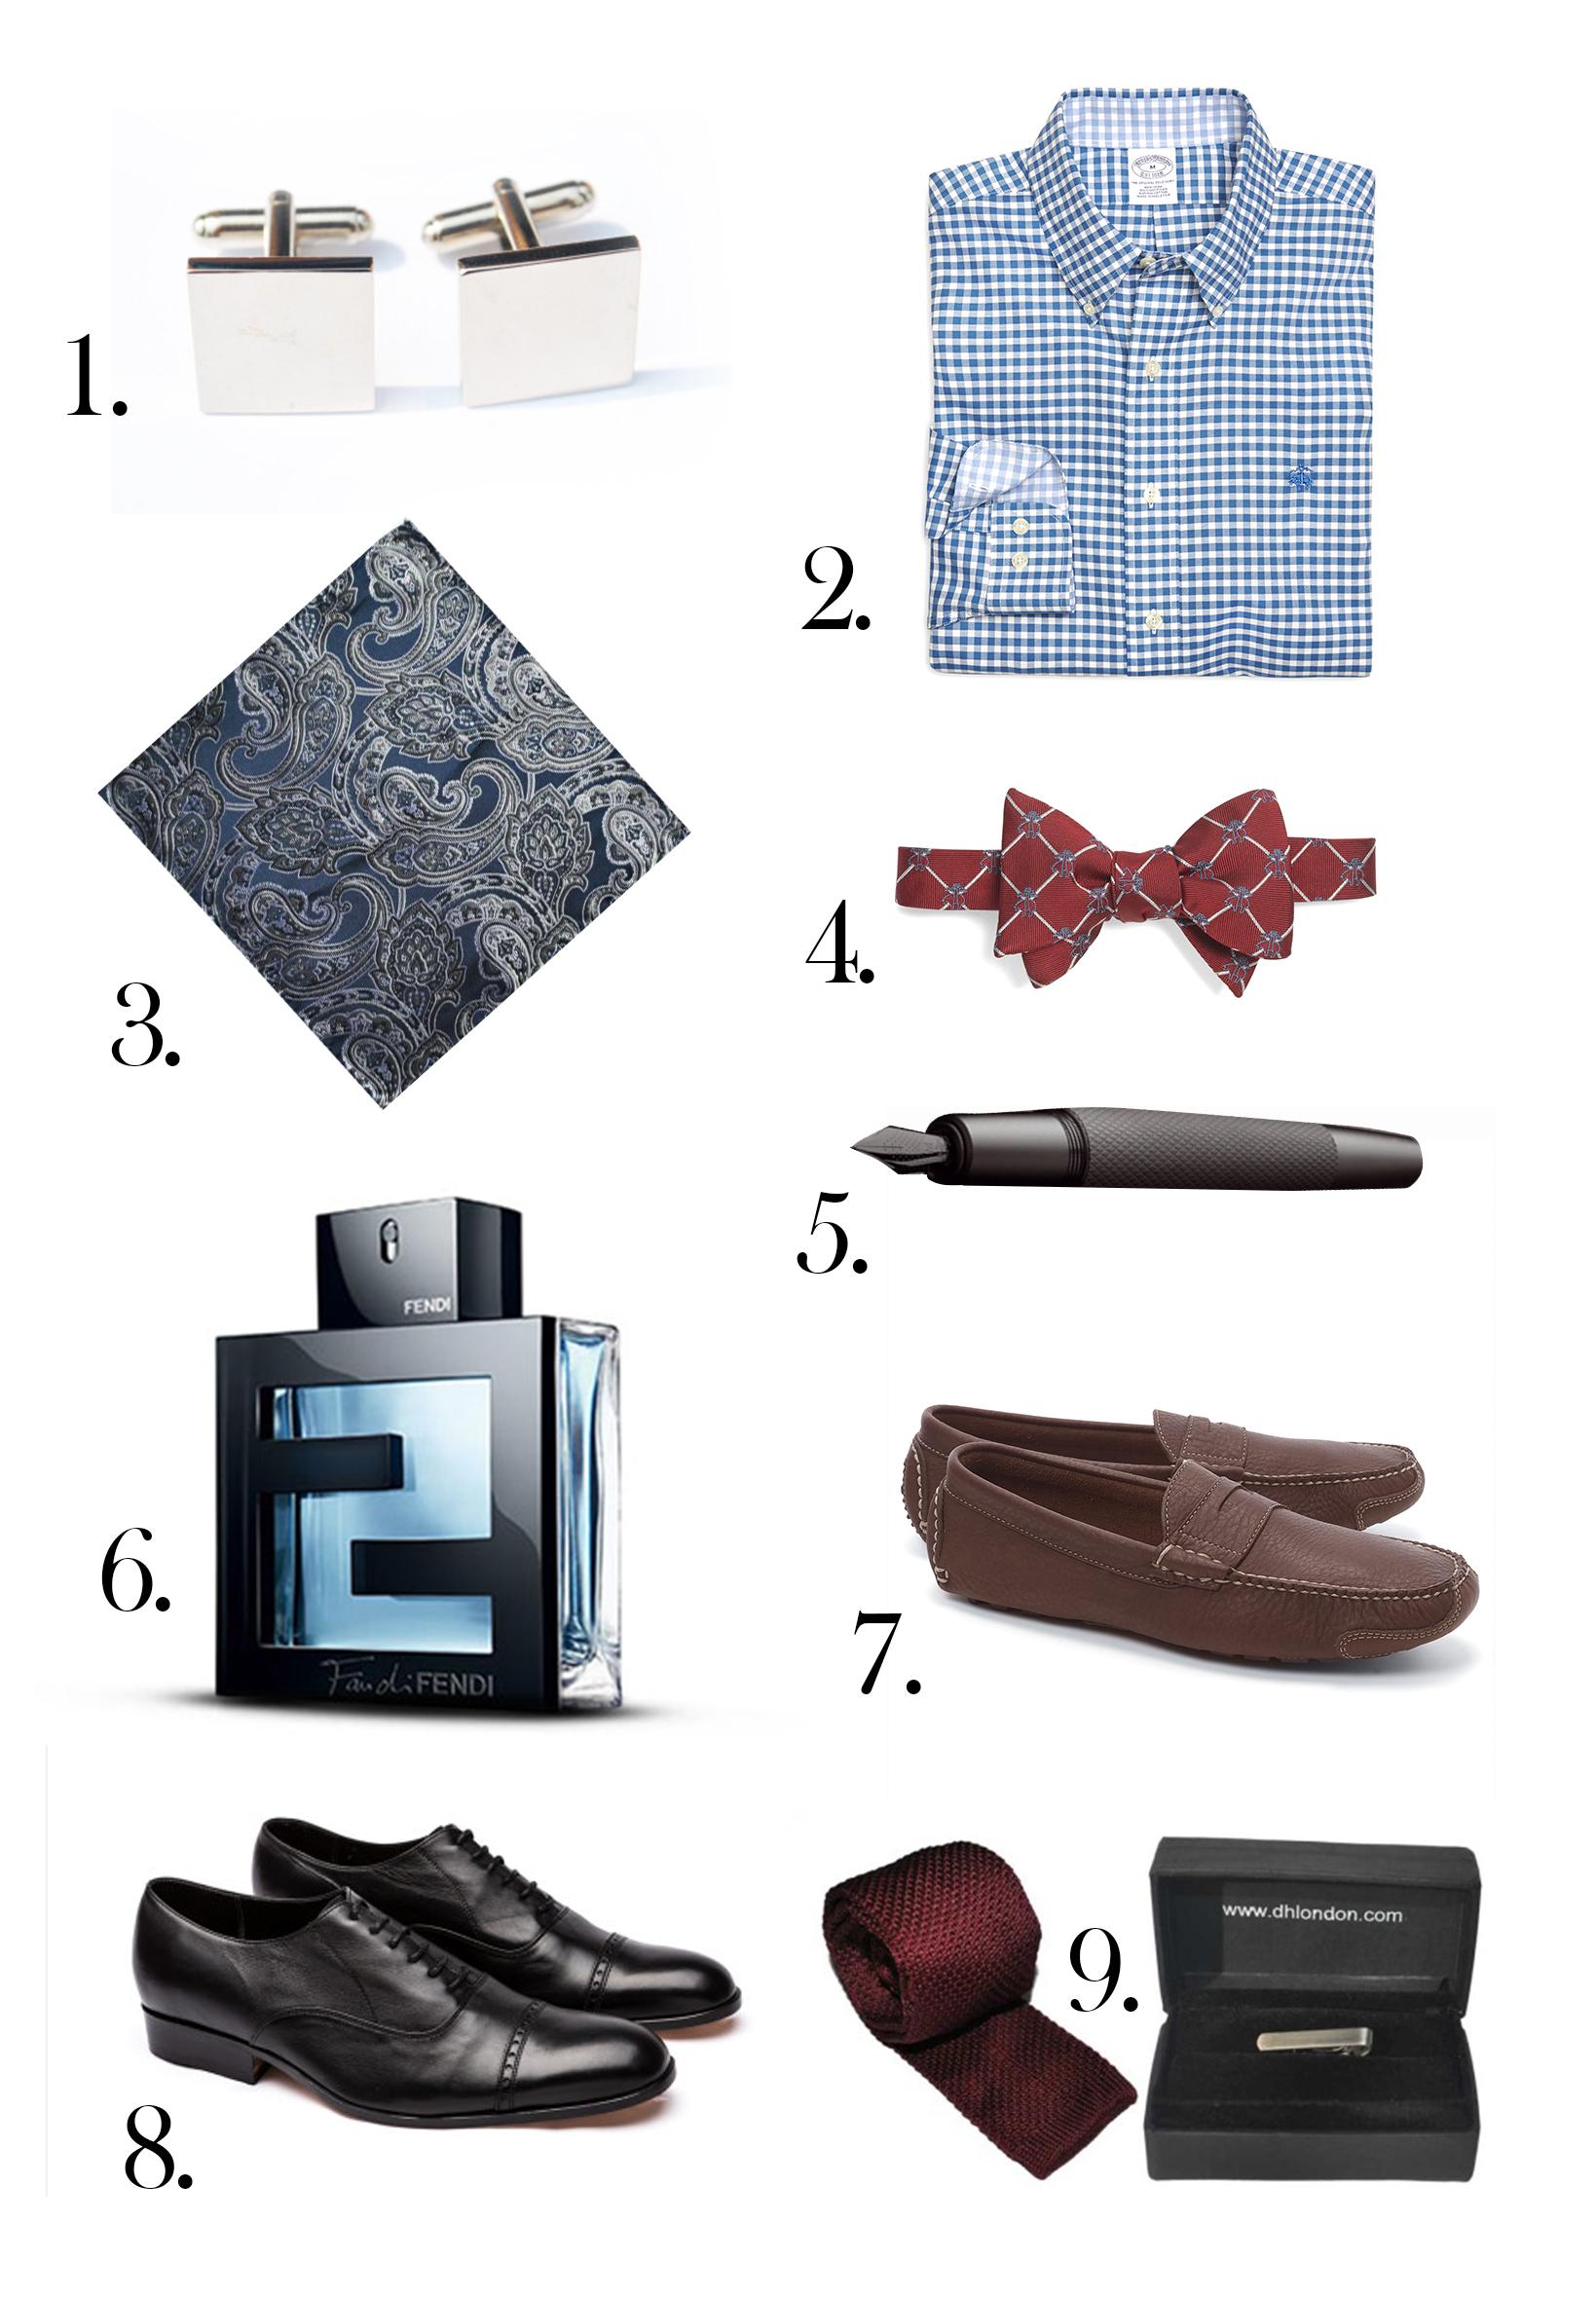 Gu a de regalos para ejecutivos en navidad parte 1 - Regalos para hombres en navidad ...